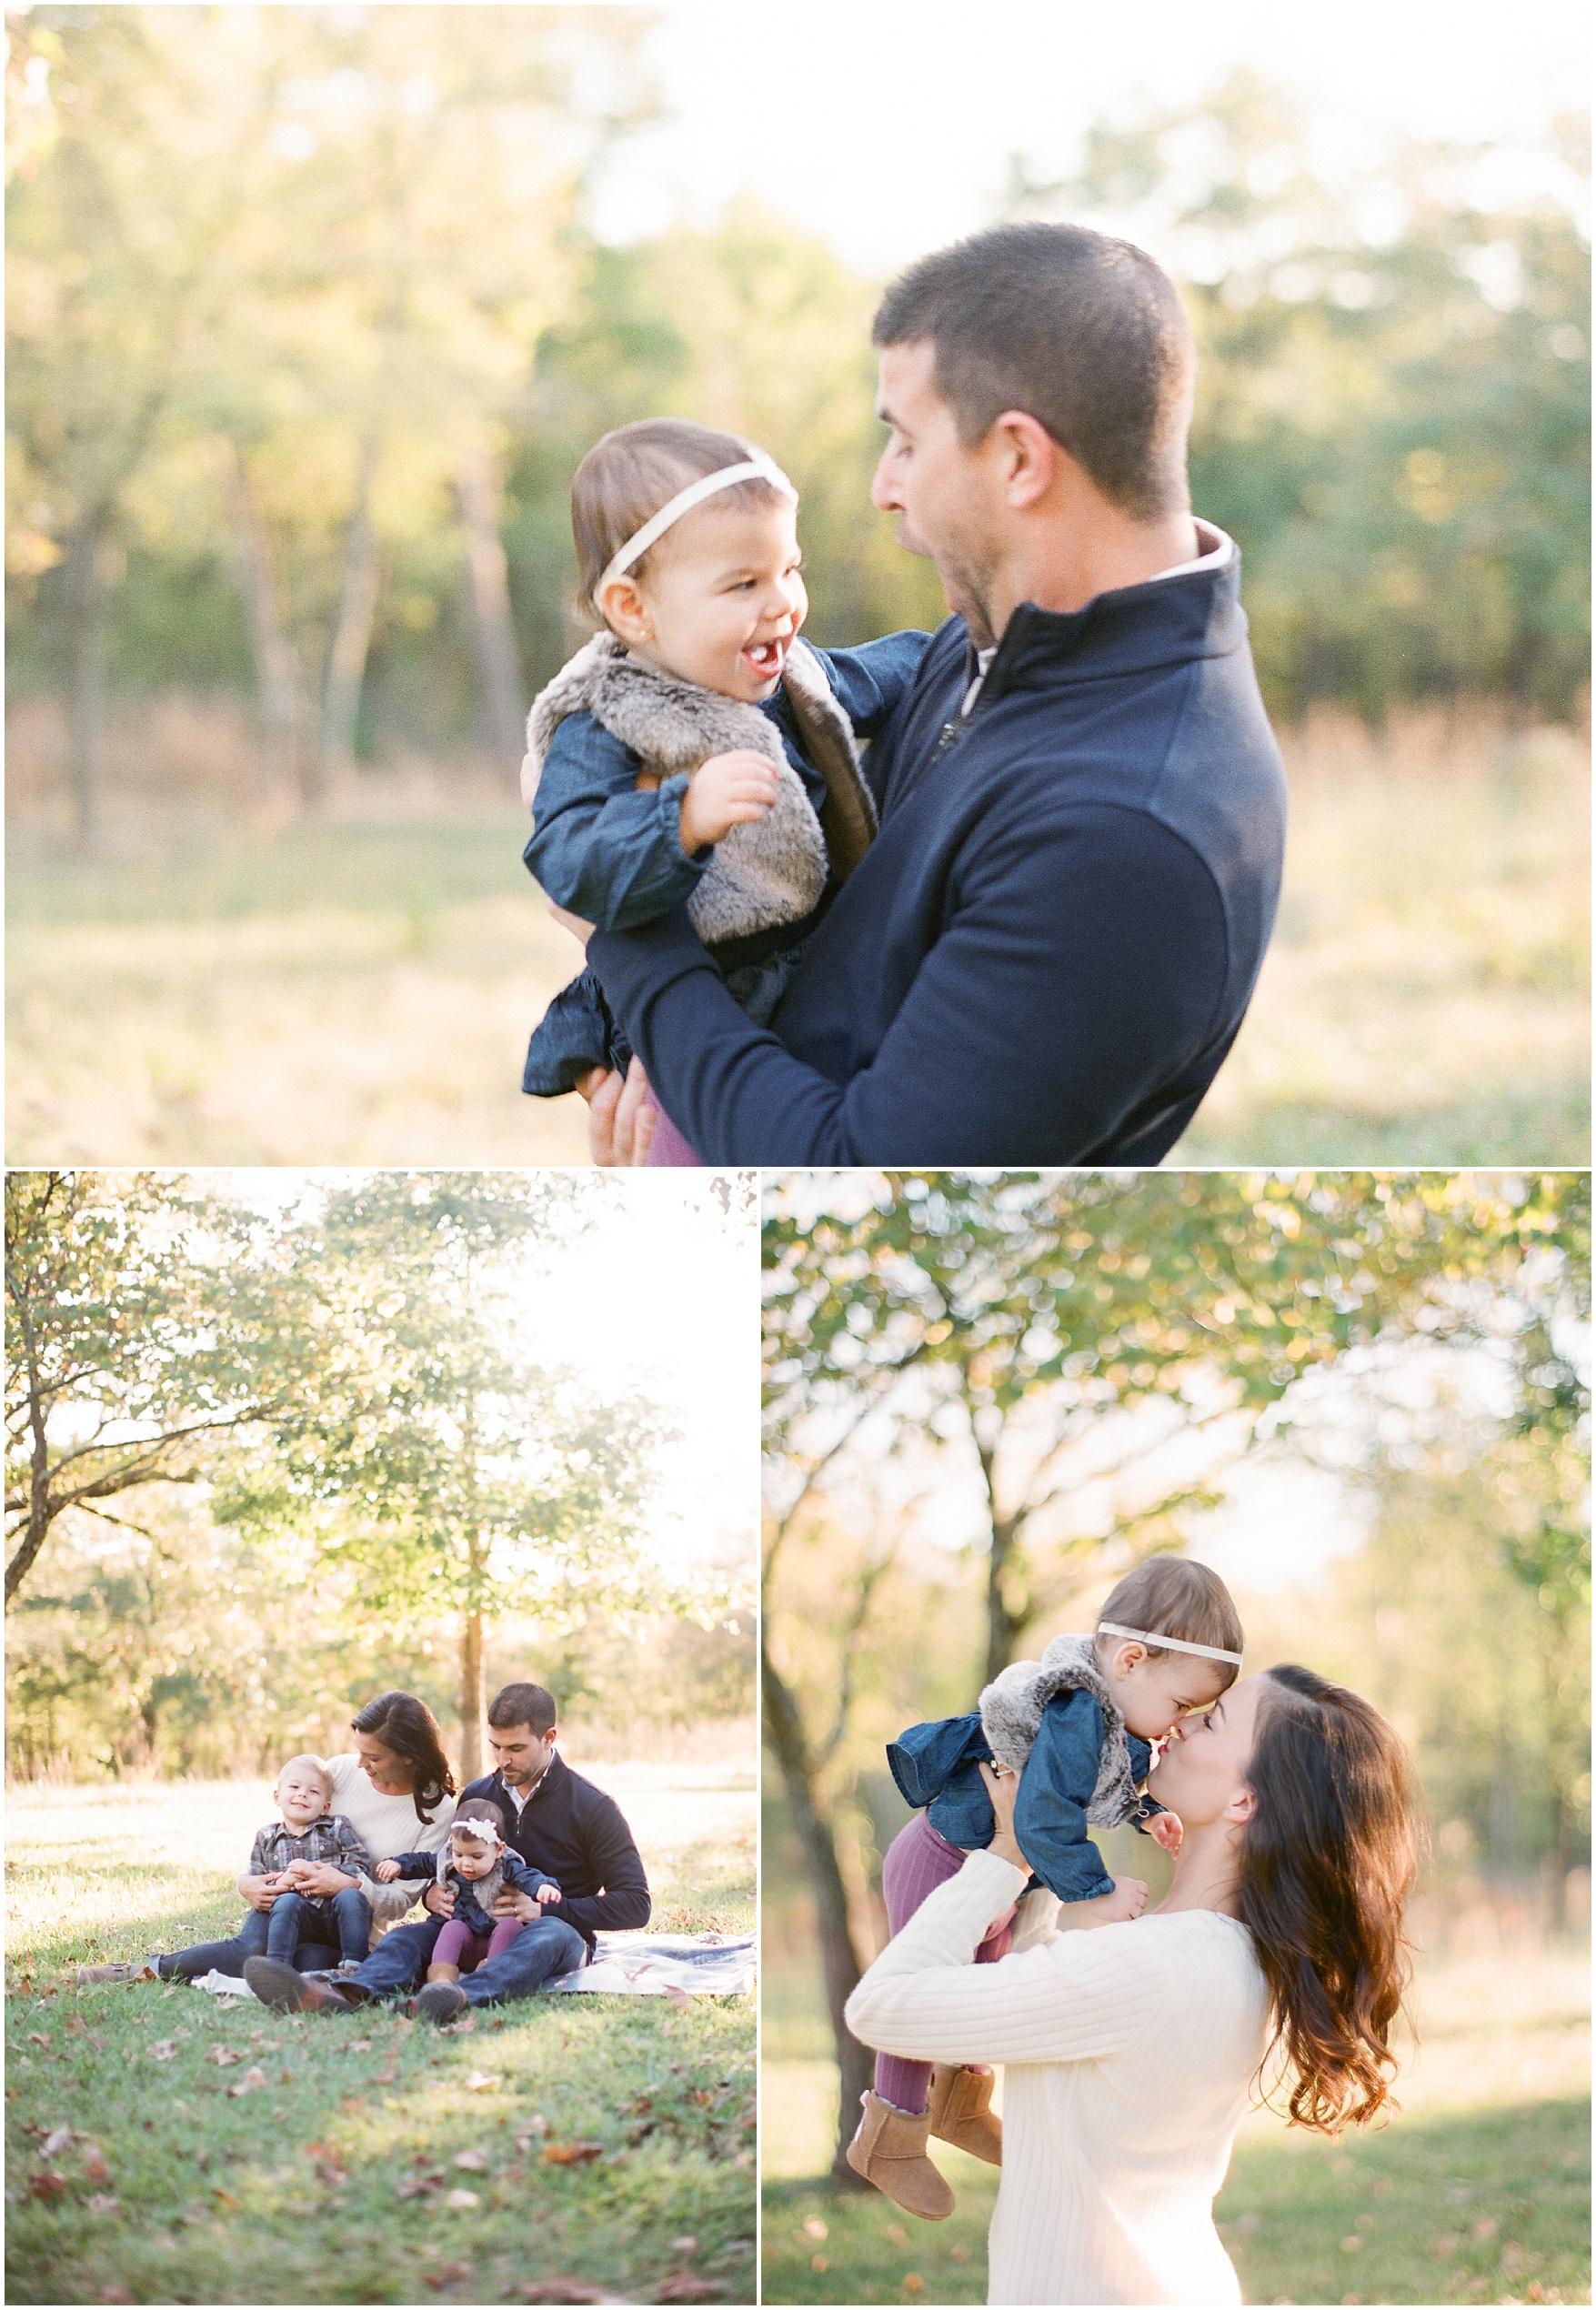 wedding photography st louis_lauren muckler photography_film photographer_film wedding_0226.jpg